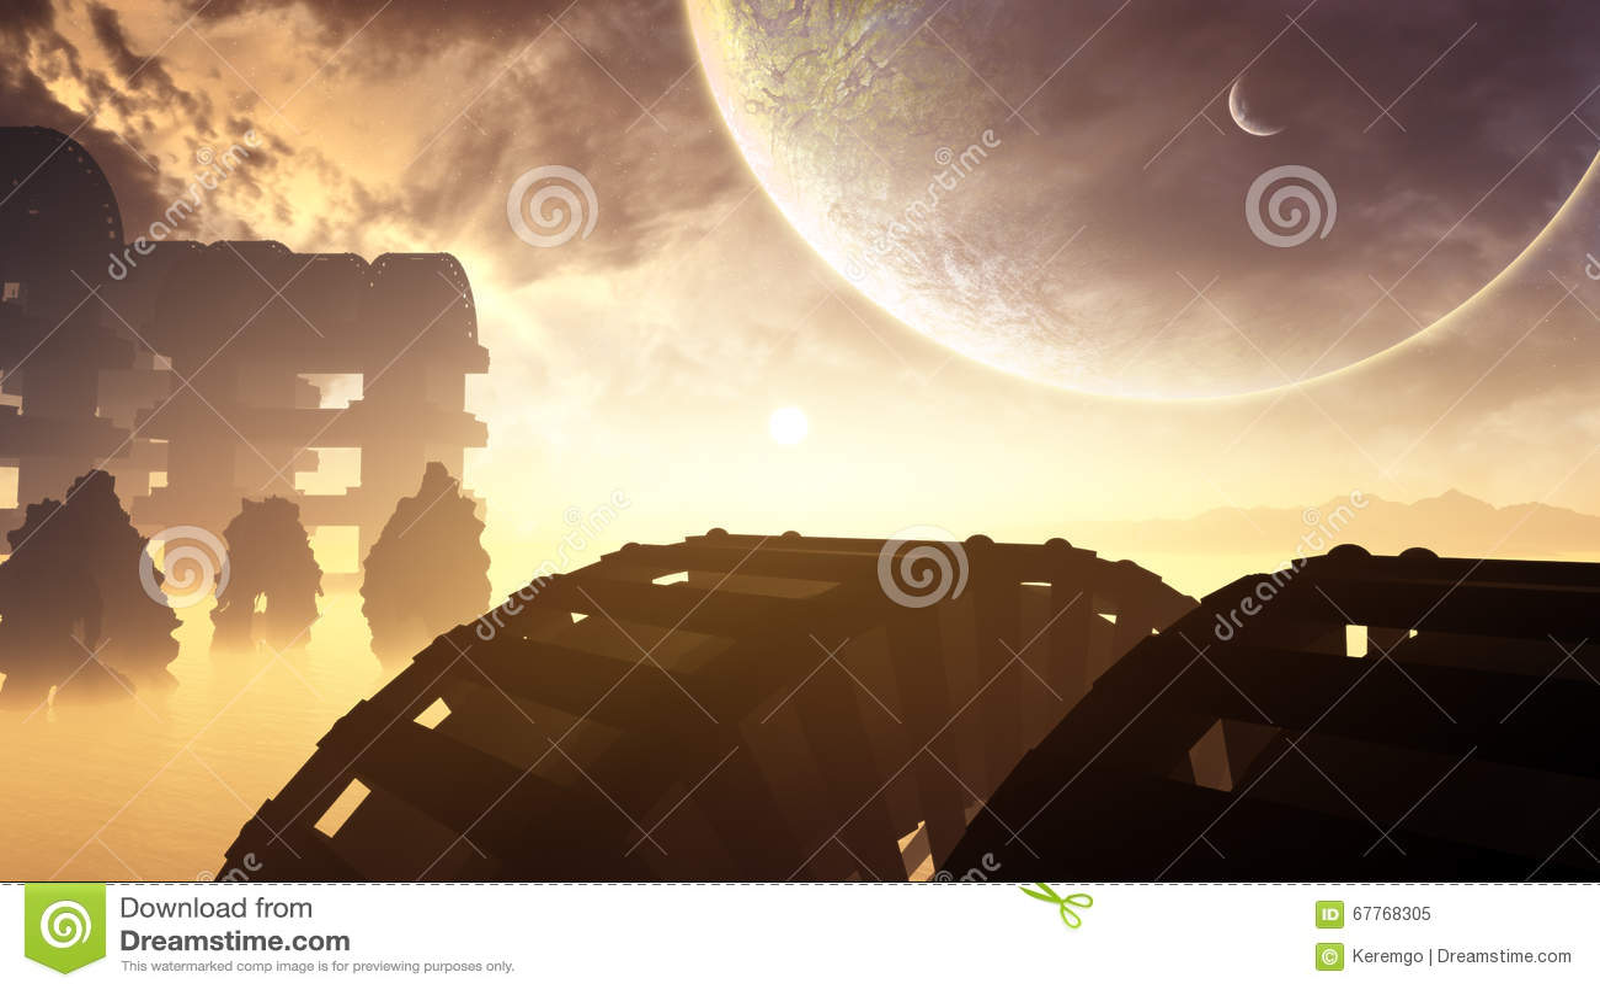 Obcy struktury W Odległej planecie